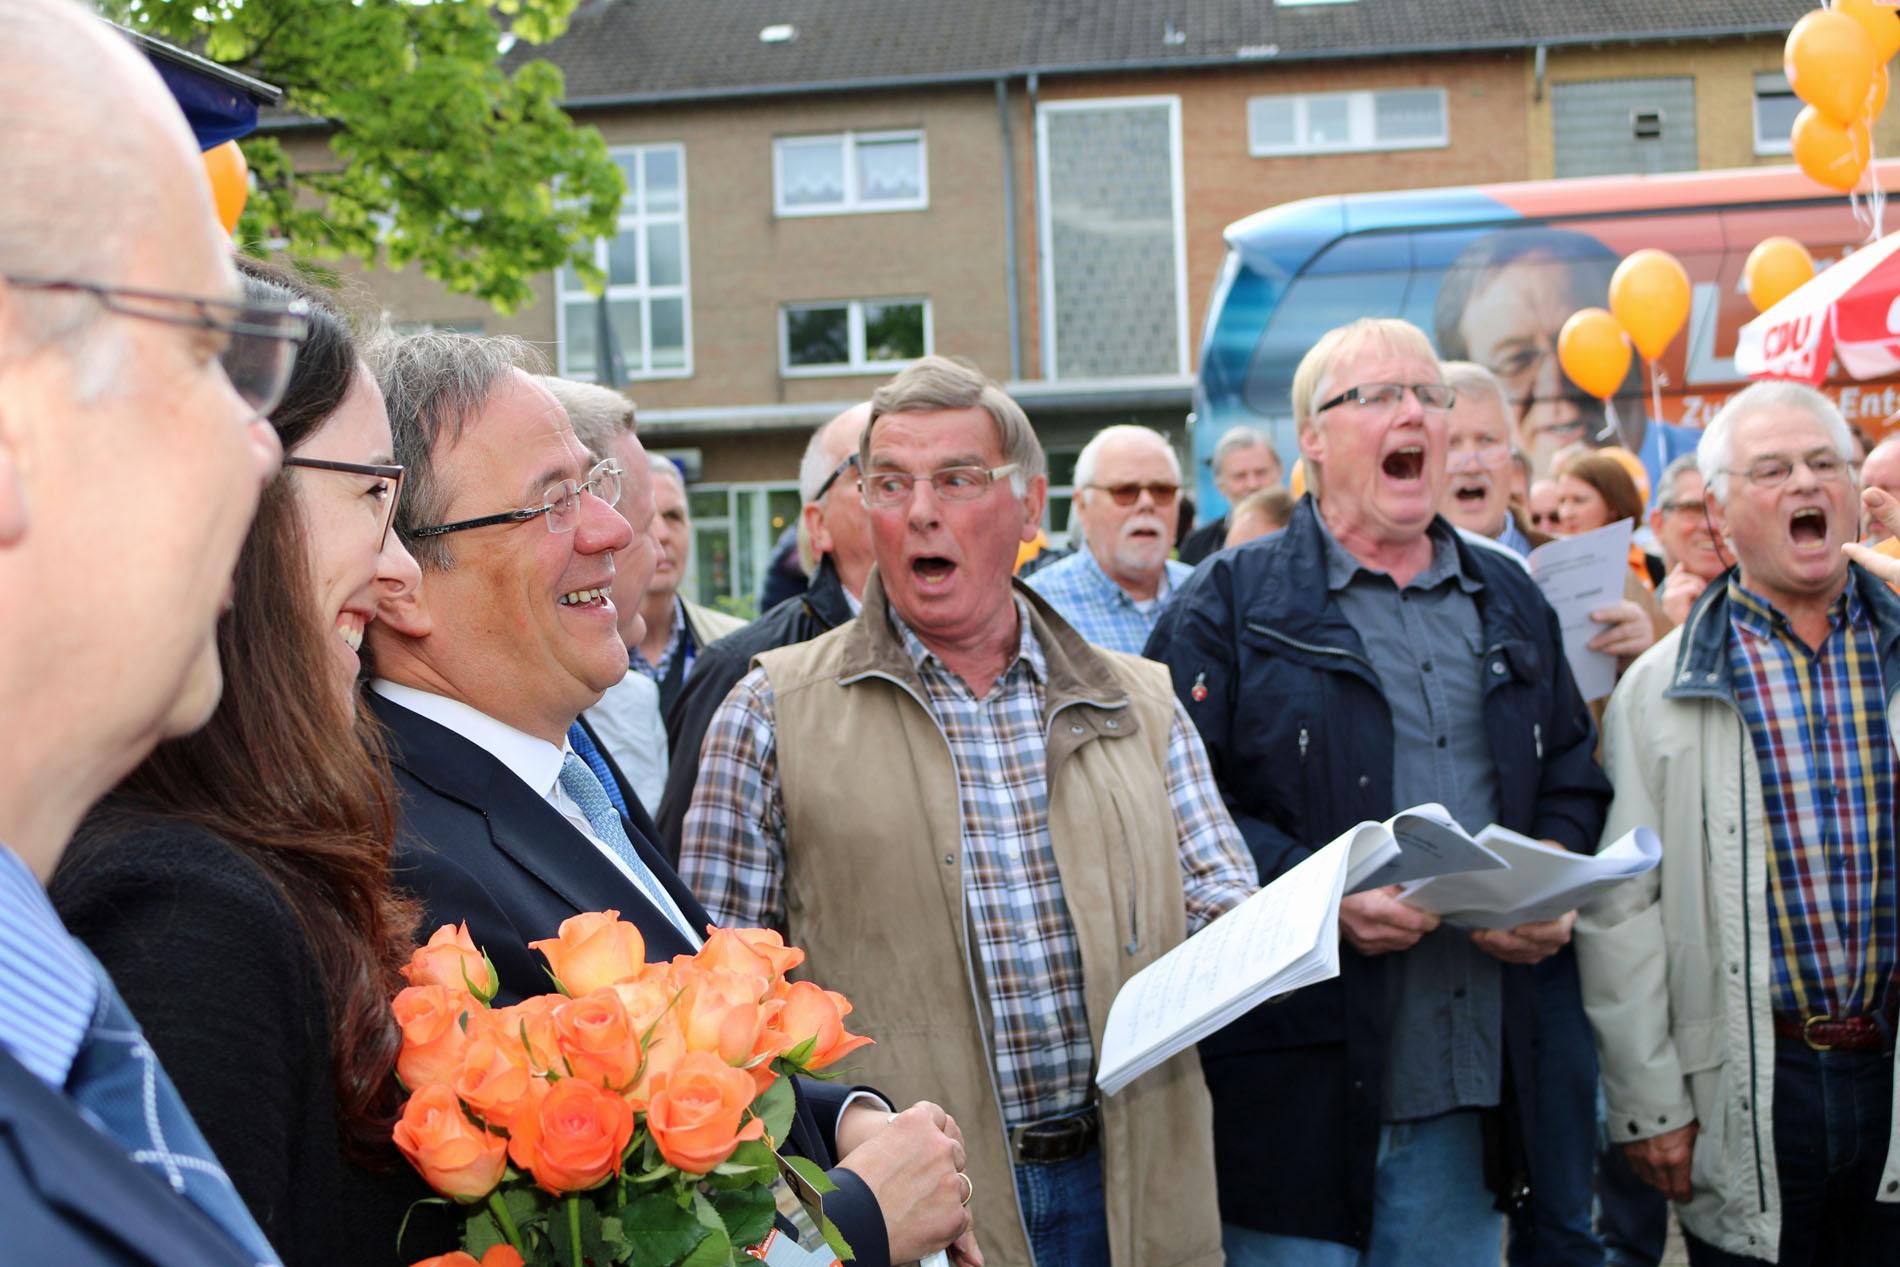 Die Politprominenz war begeistert von den musikalischen Darbietungen des Königshovener Quartettvereins.